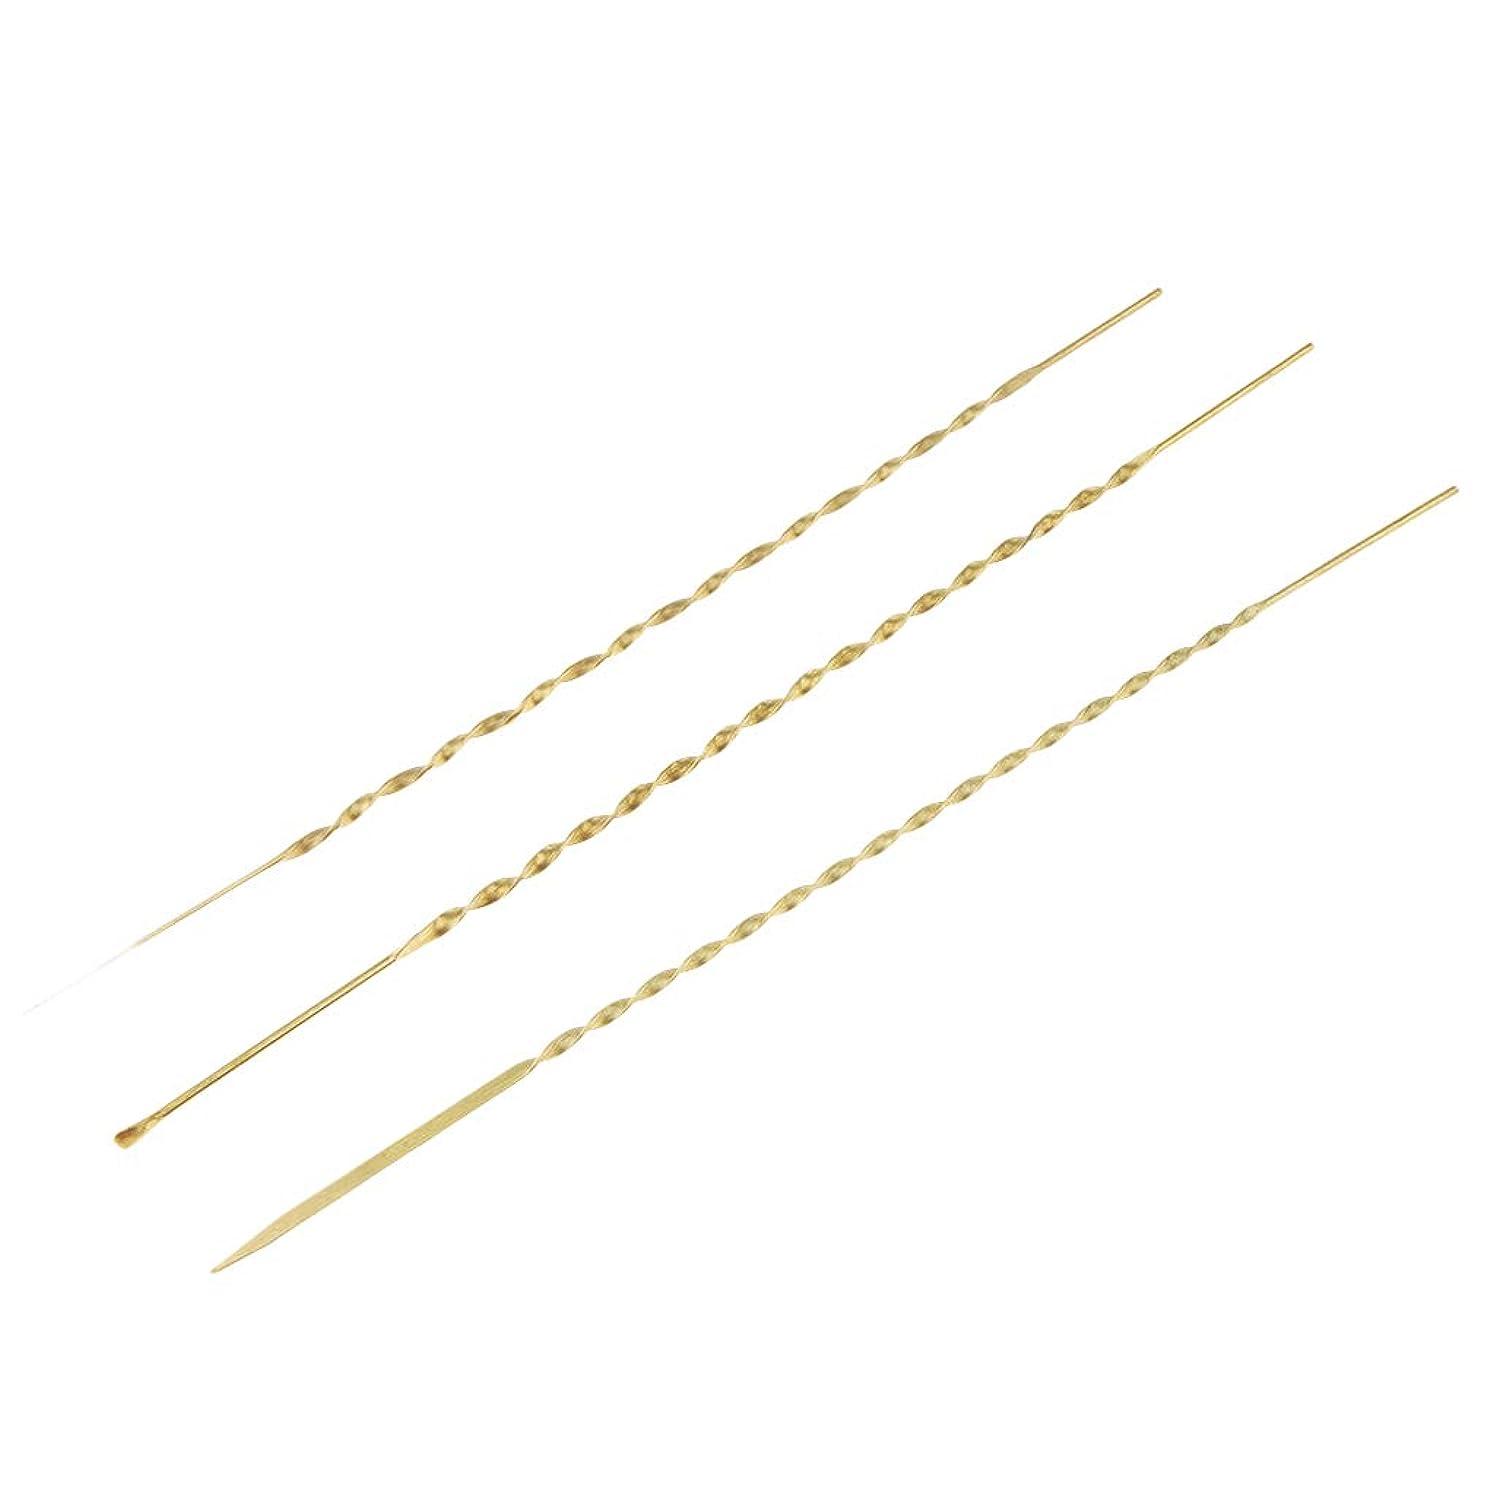 何でも磁器北米Baoblaze 3本 耳ピック 耳かき 耳ワックスリムーバー 高品質 金属製 3サイズ選べ - 17cm